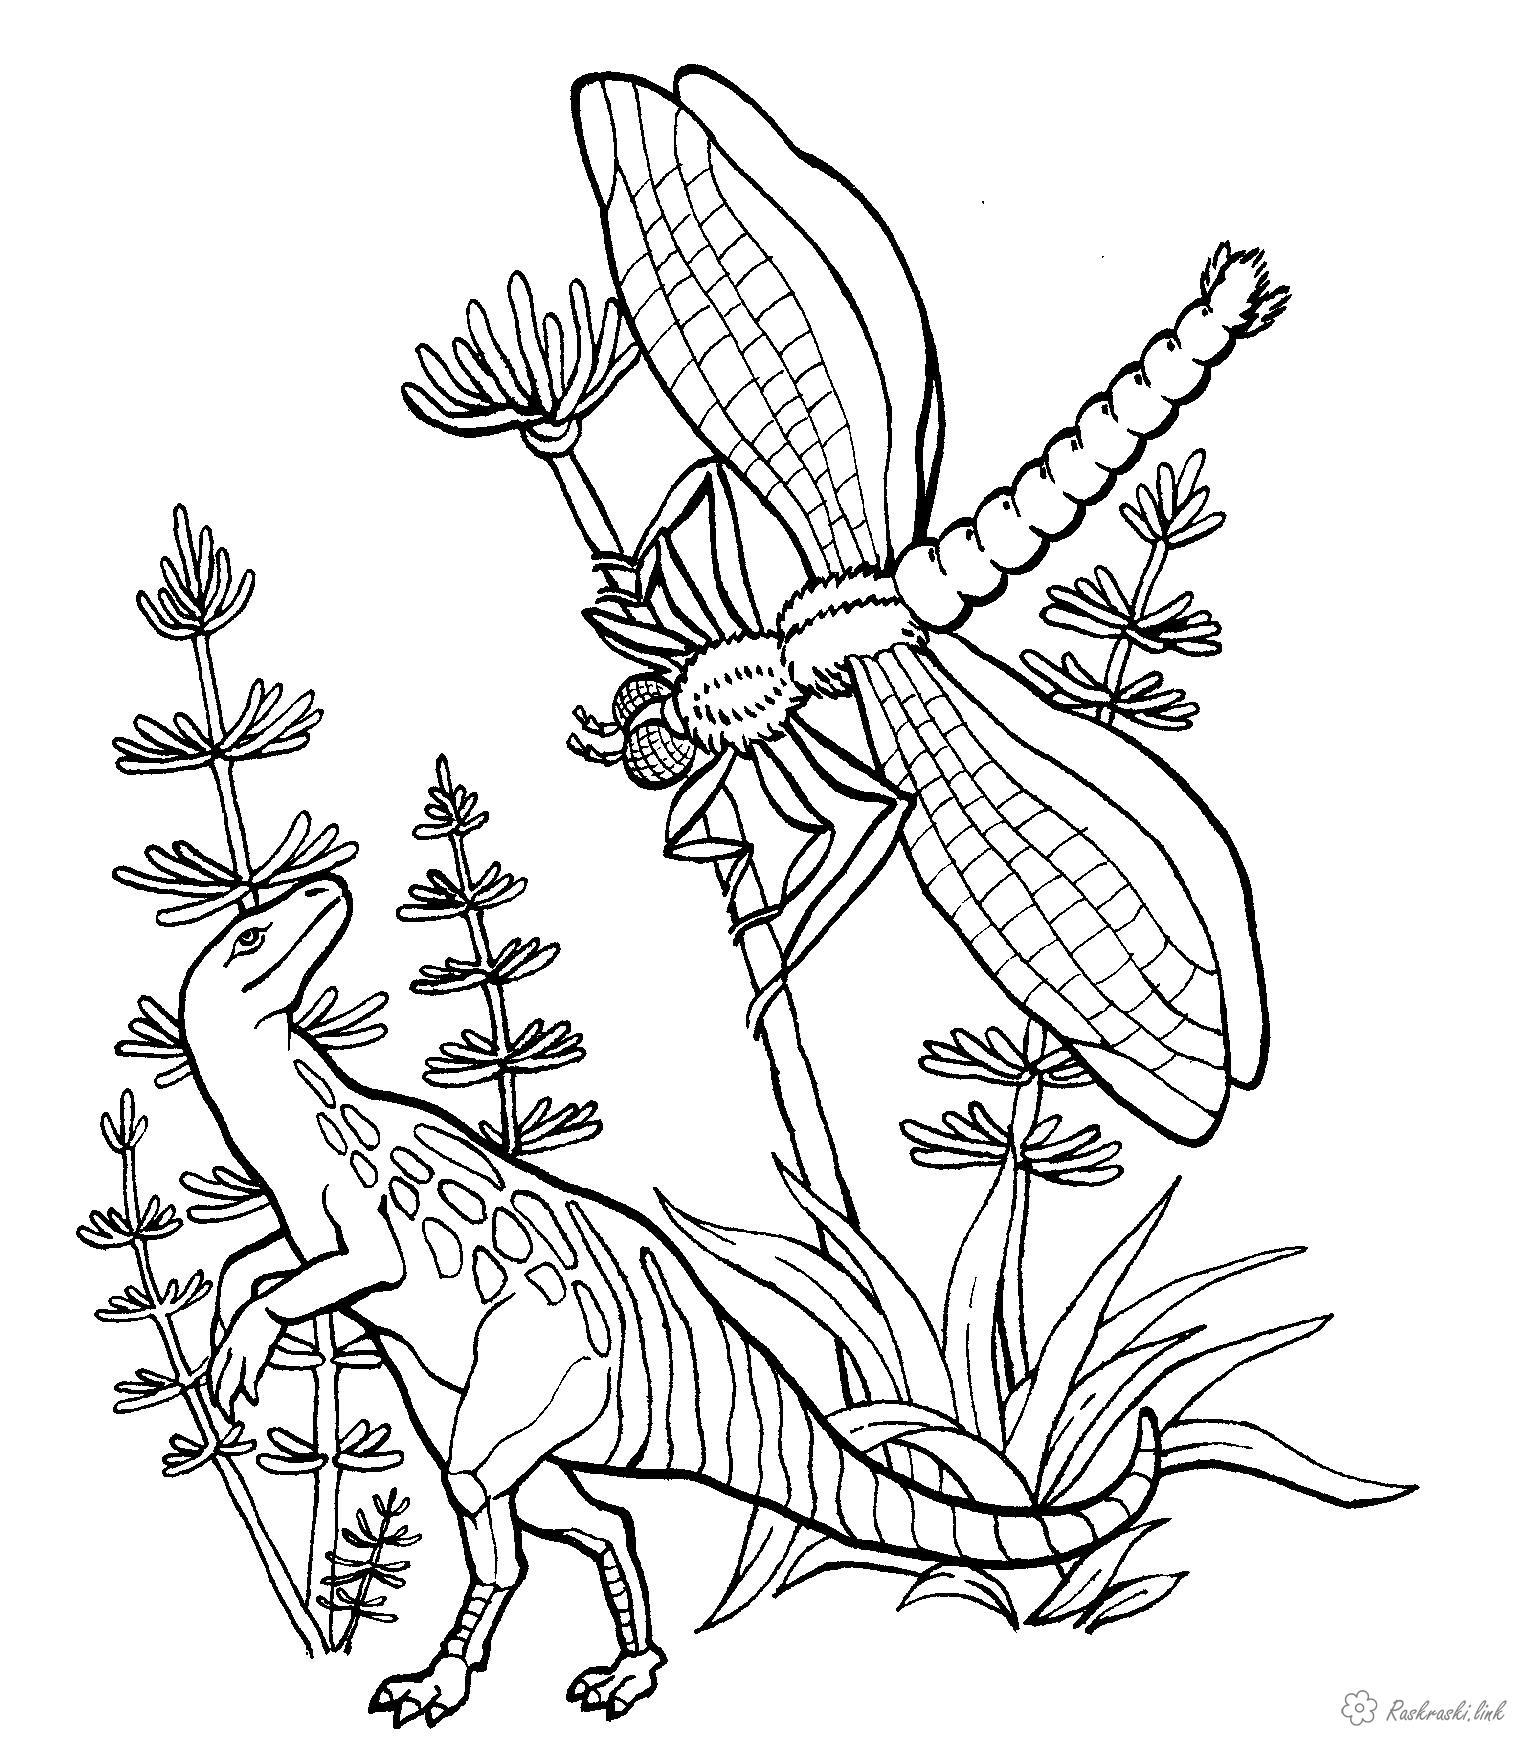 Розмальовки бабка Рептилії, динозавр, комахи, бабка